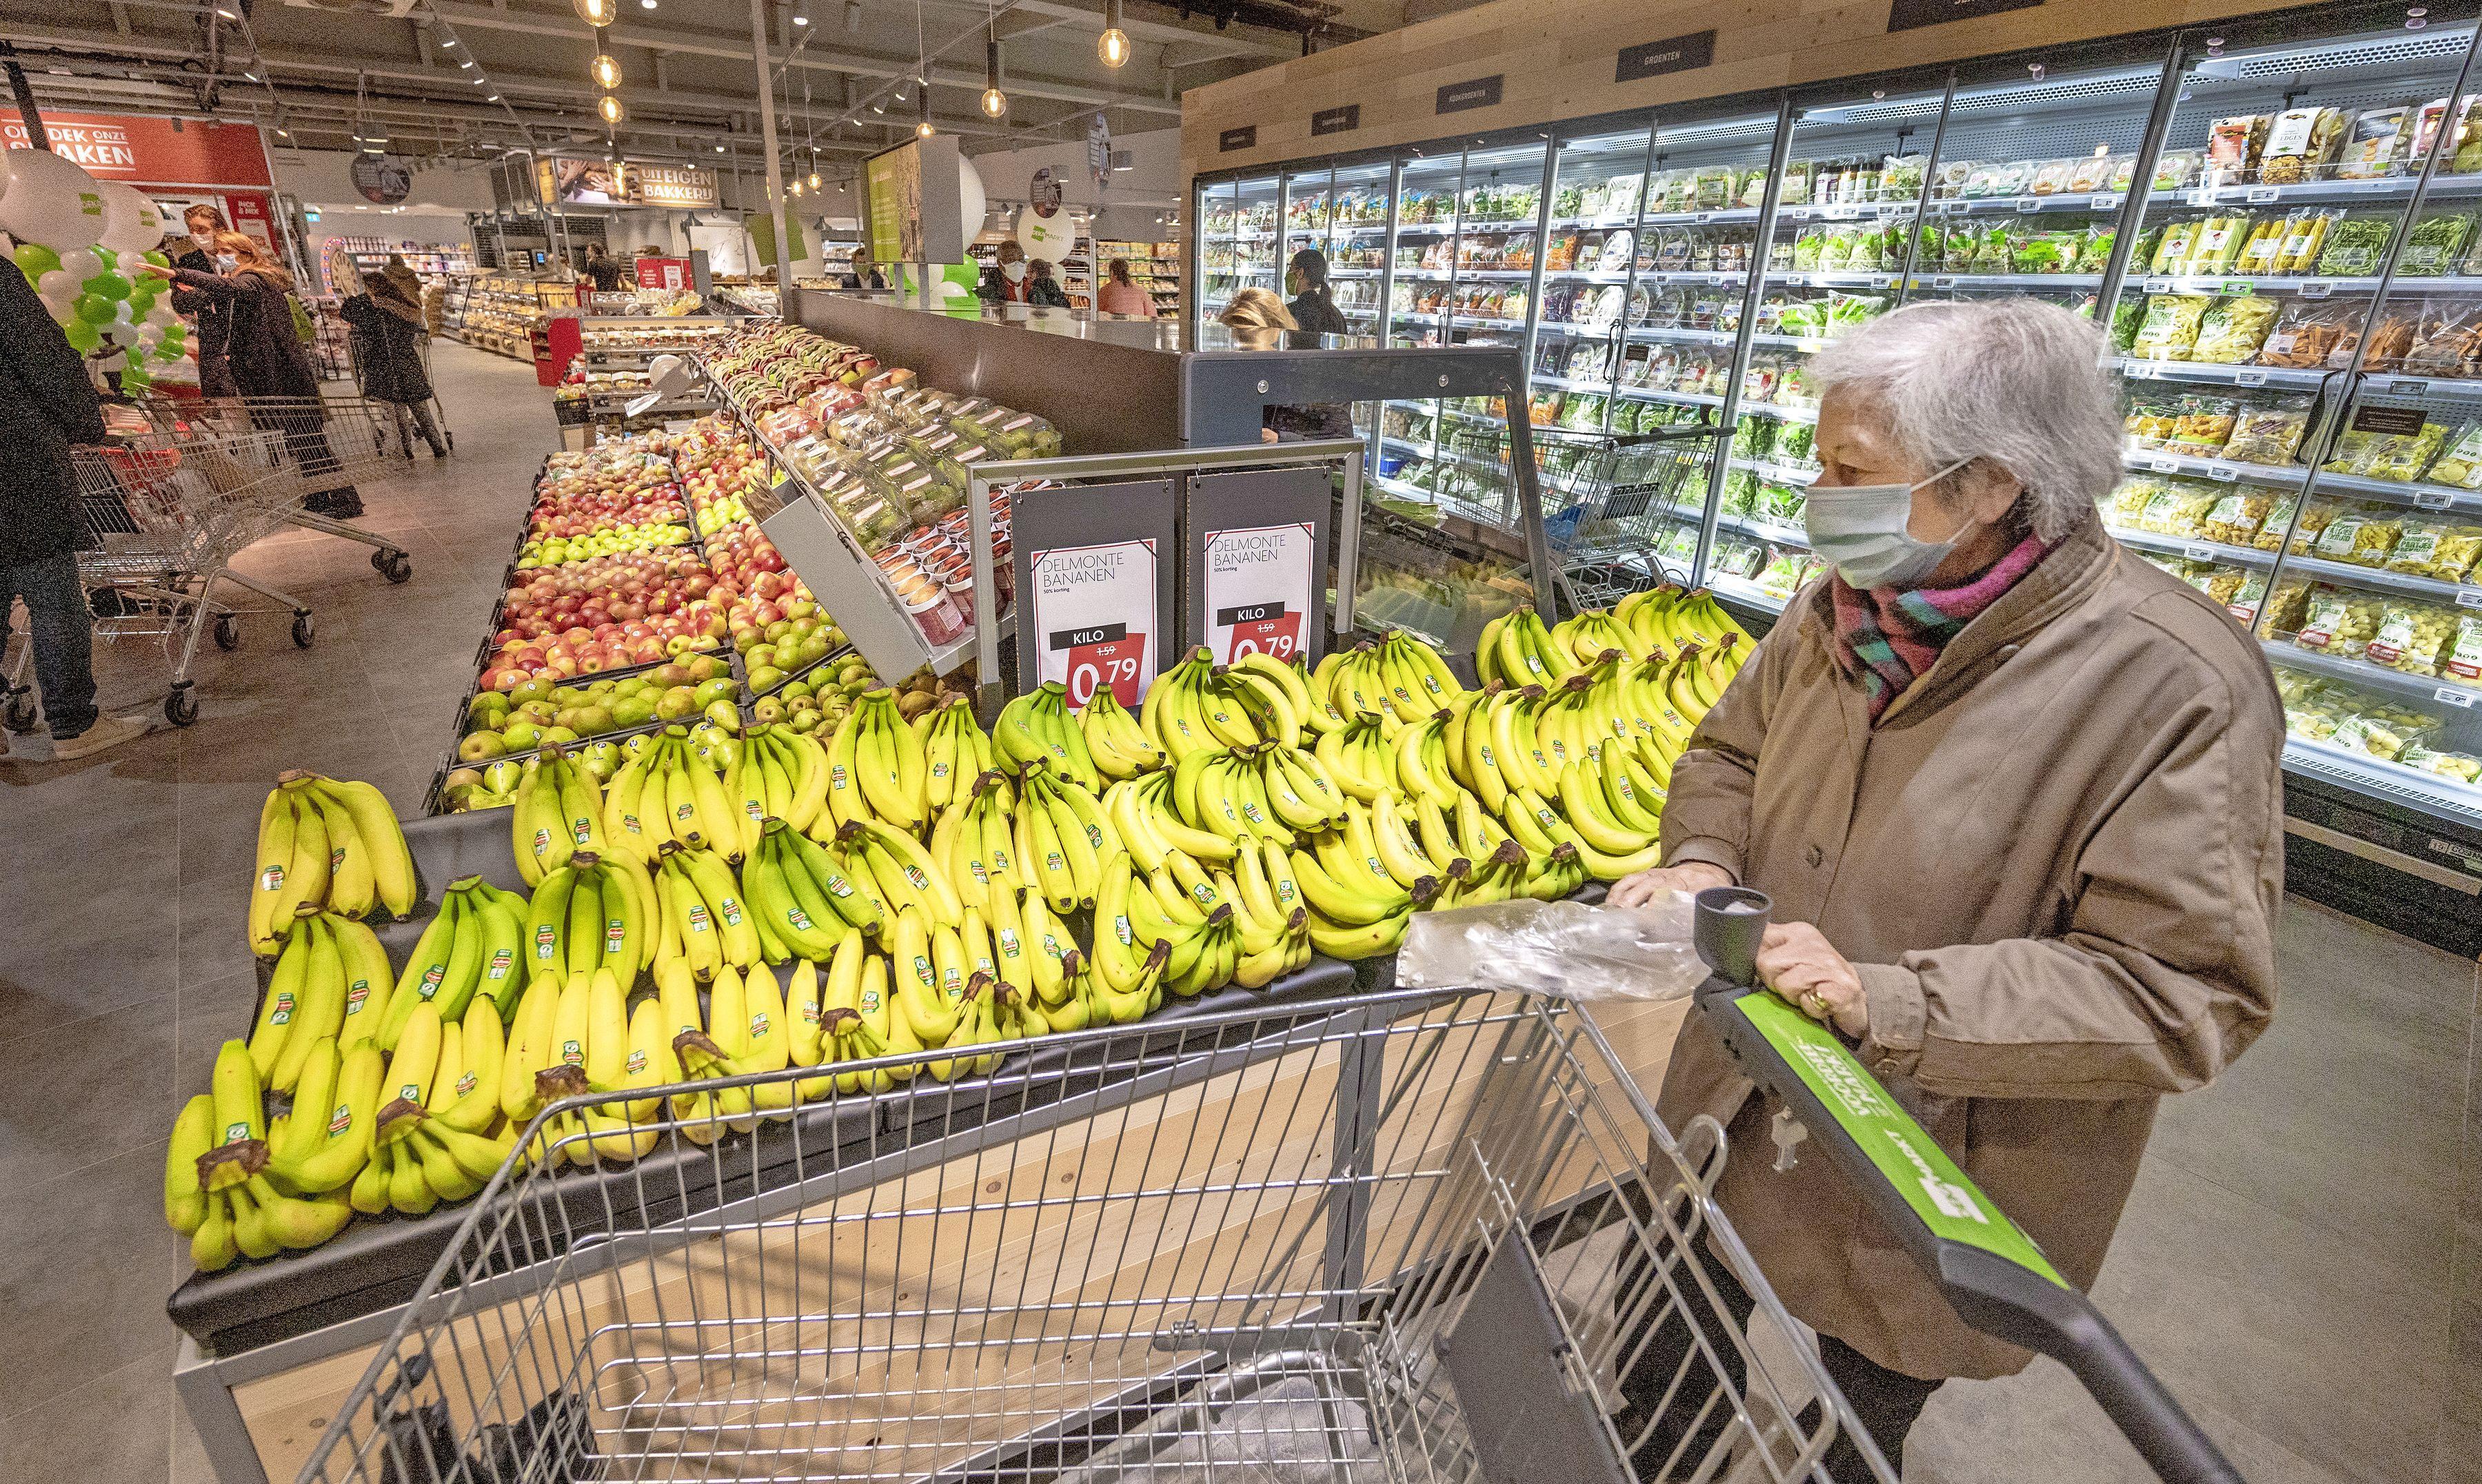 Dekamarkt is het meest klantvriendelijk, blijkt uit onderzoek. Klanten geven het bedrijf een 8-